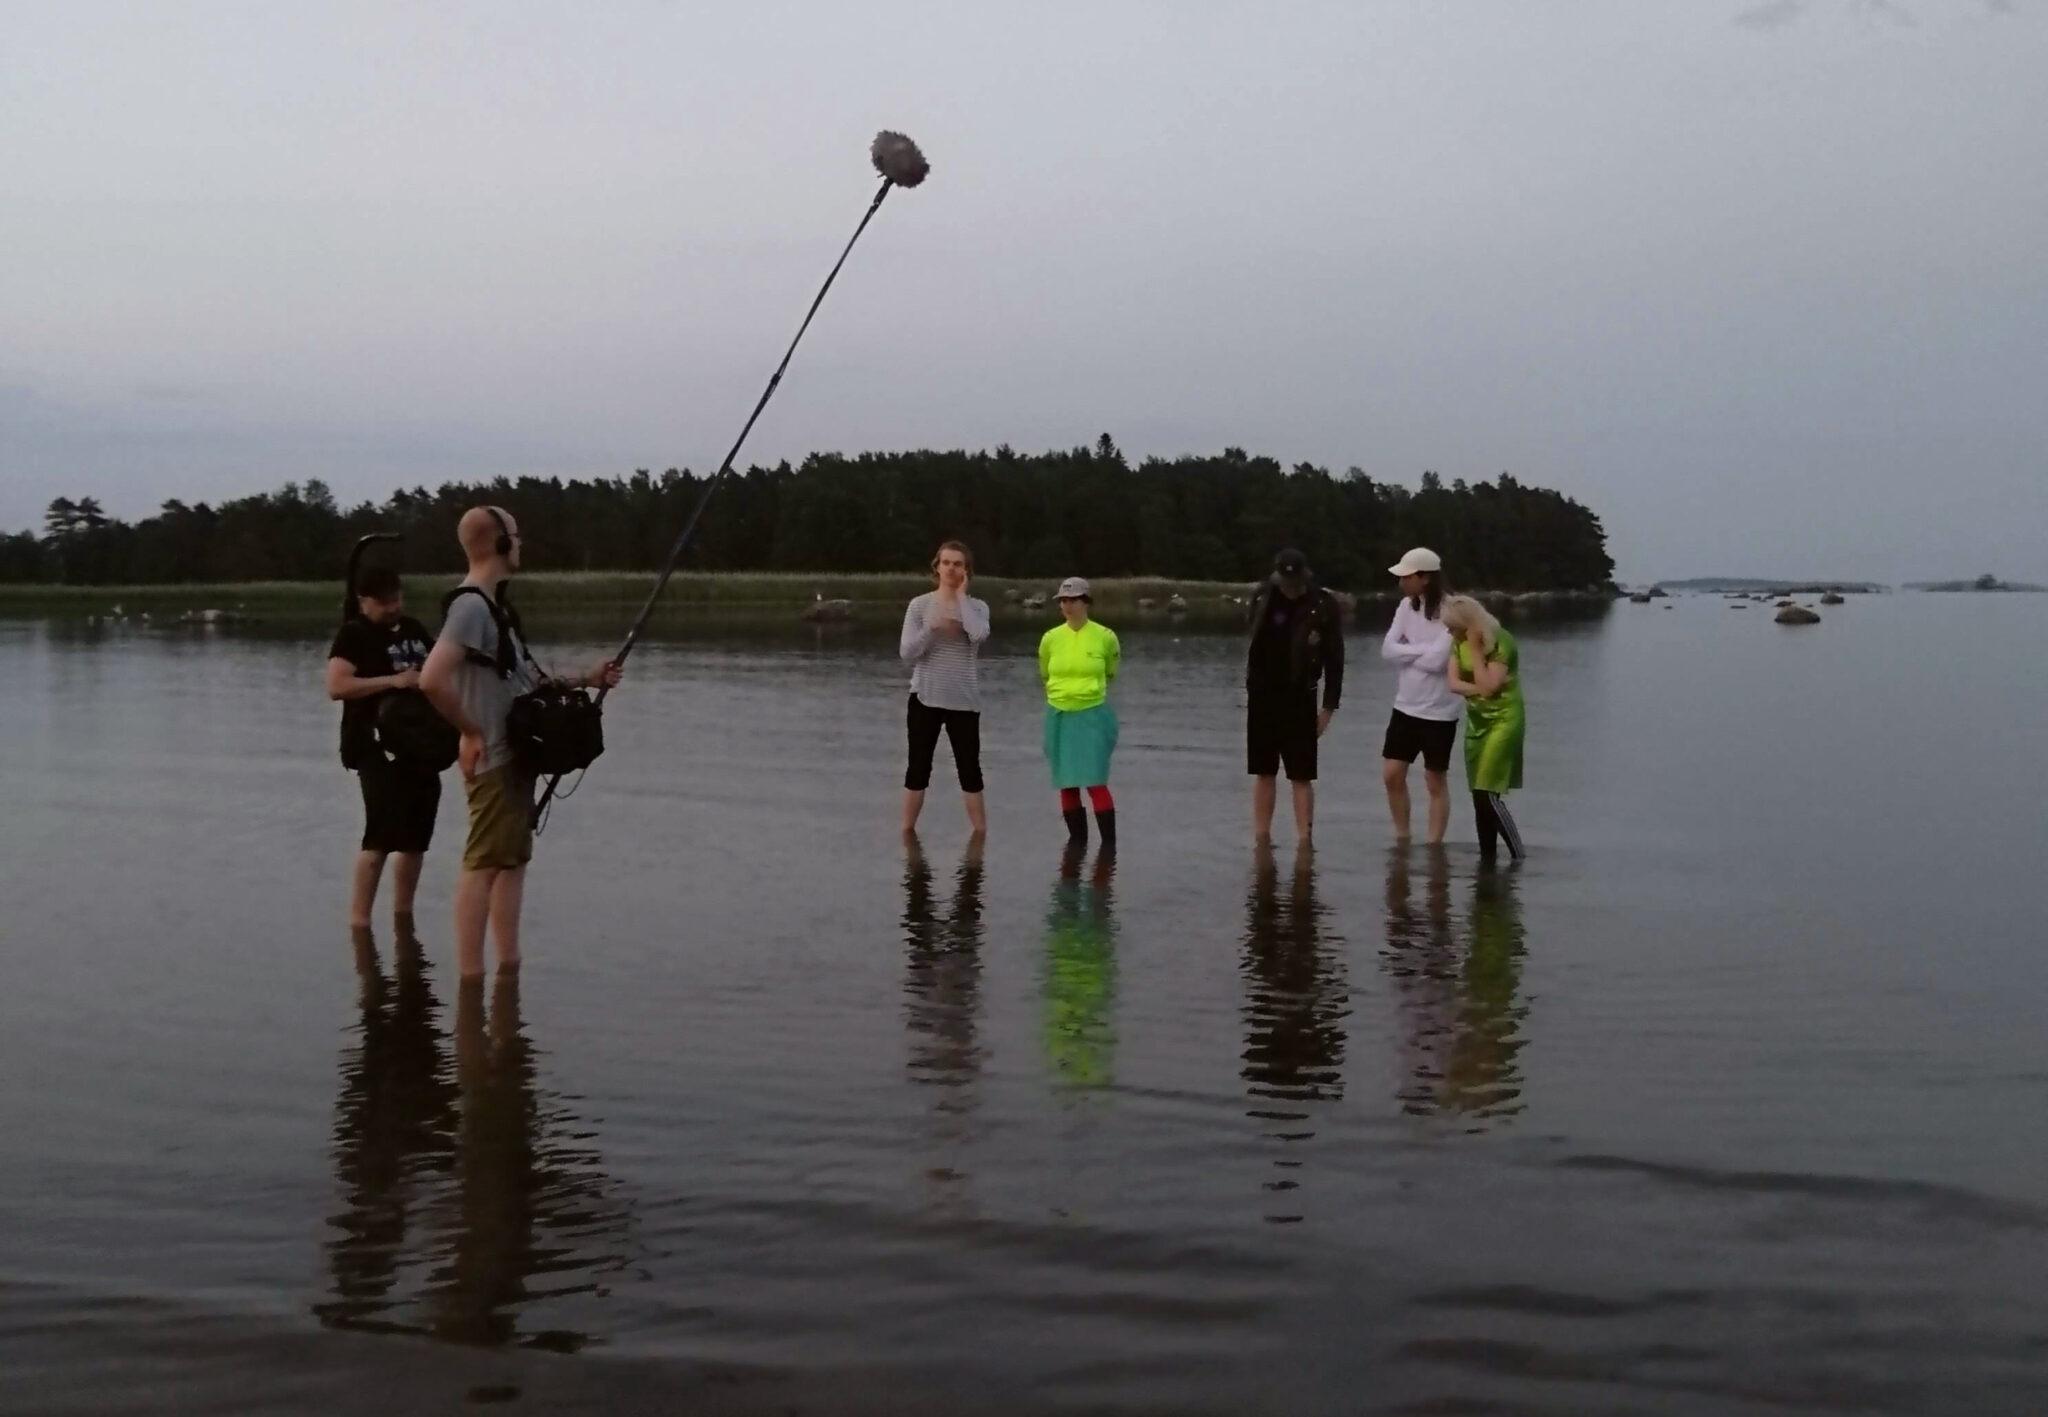 Elokuvan Fucking with Nobody -kuvauksista, jossa tuotantoryhmä ja näyttelijät seisovat keskellä järveä.